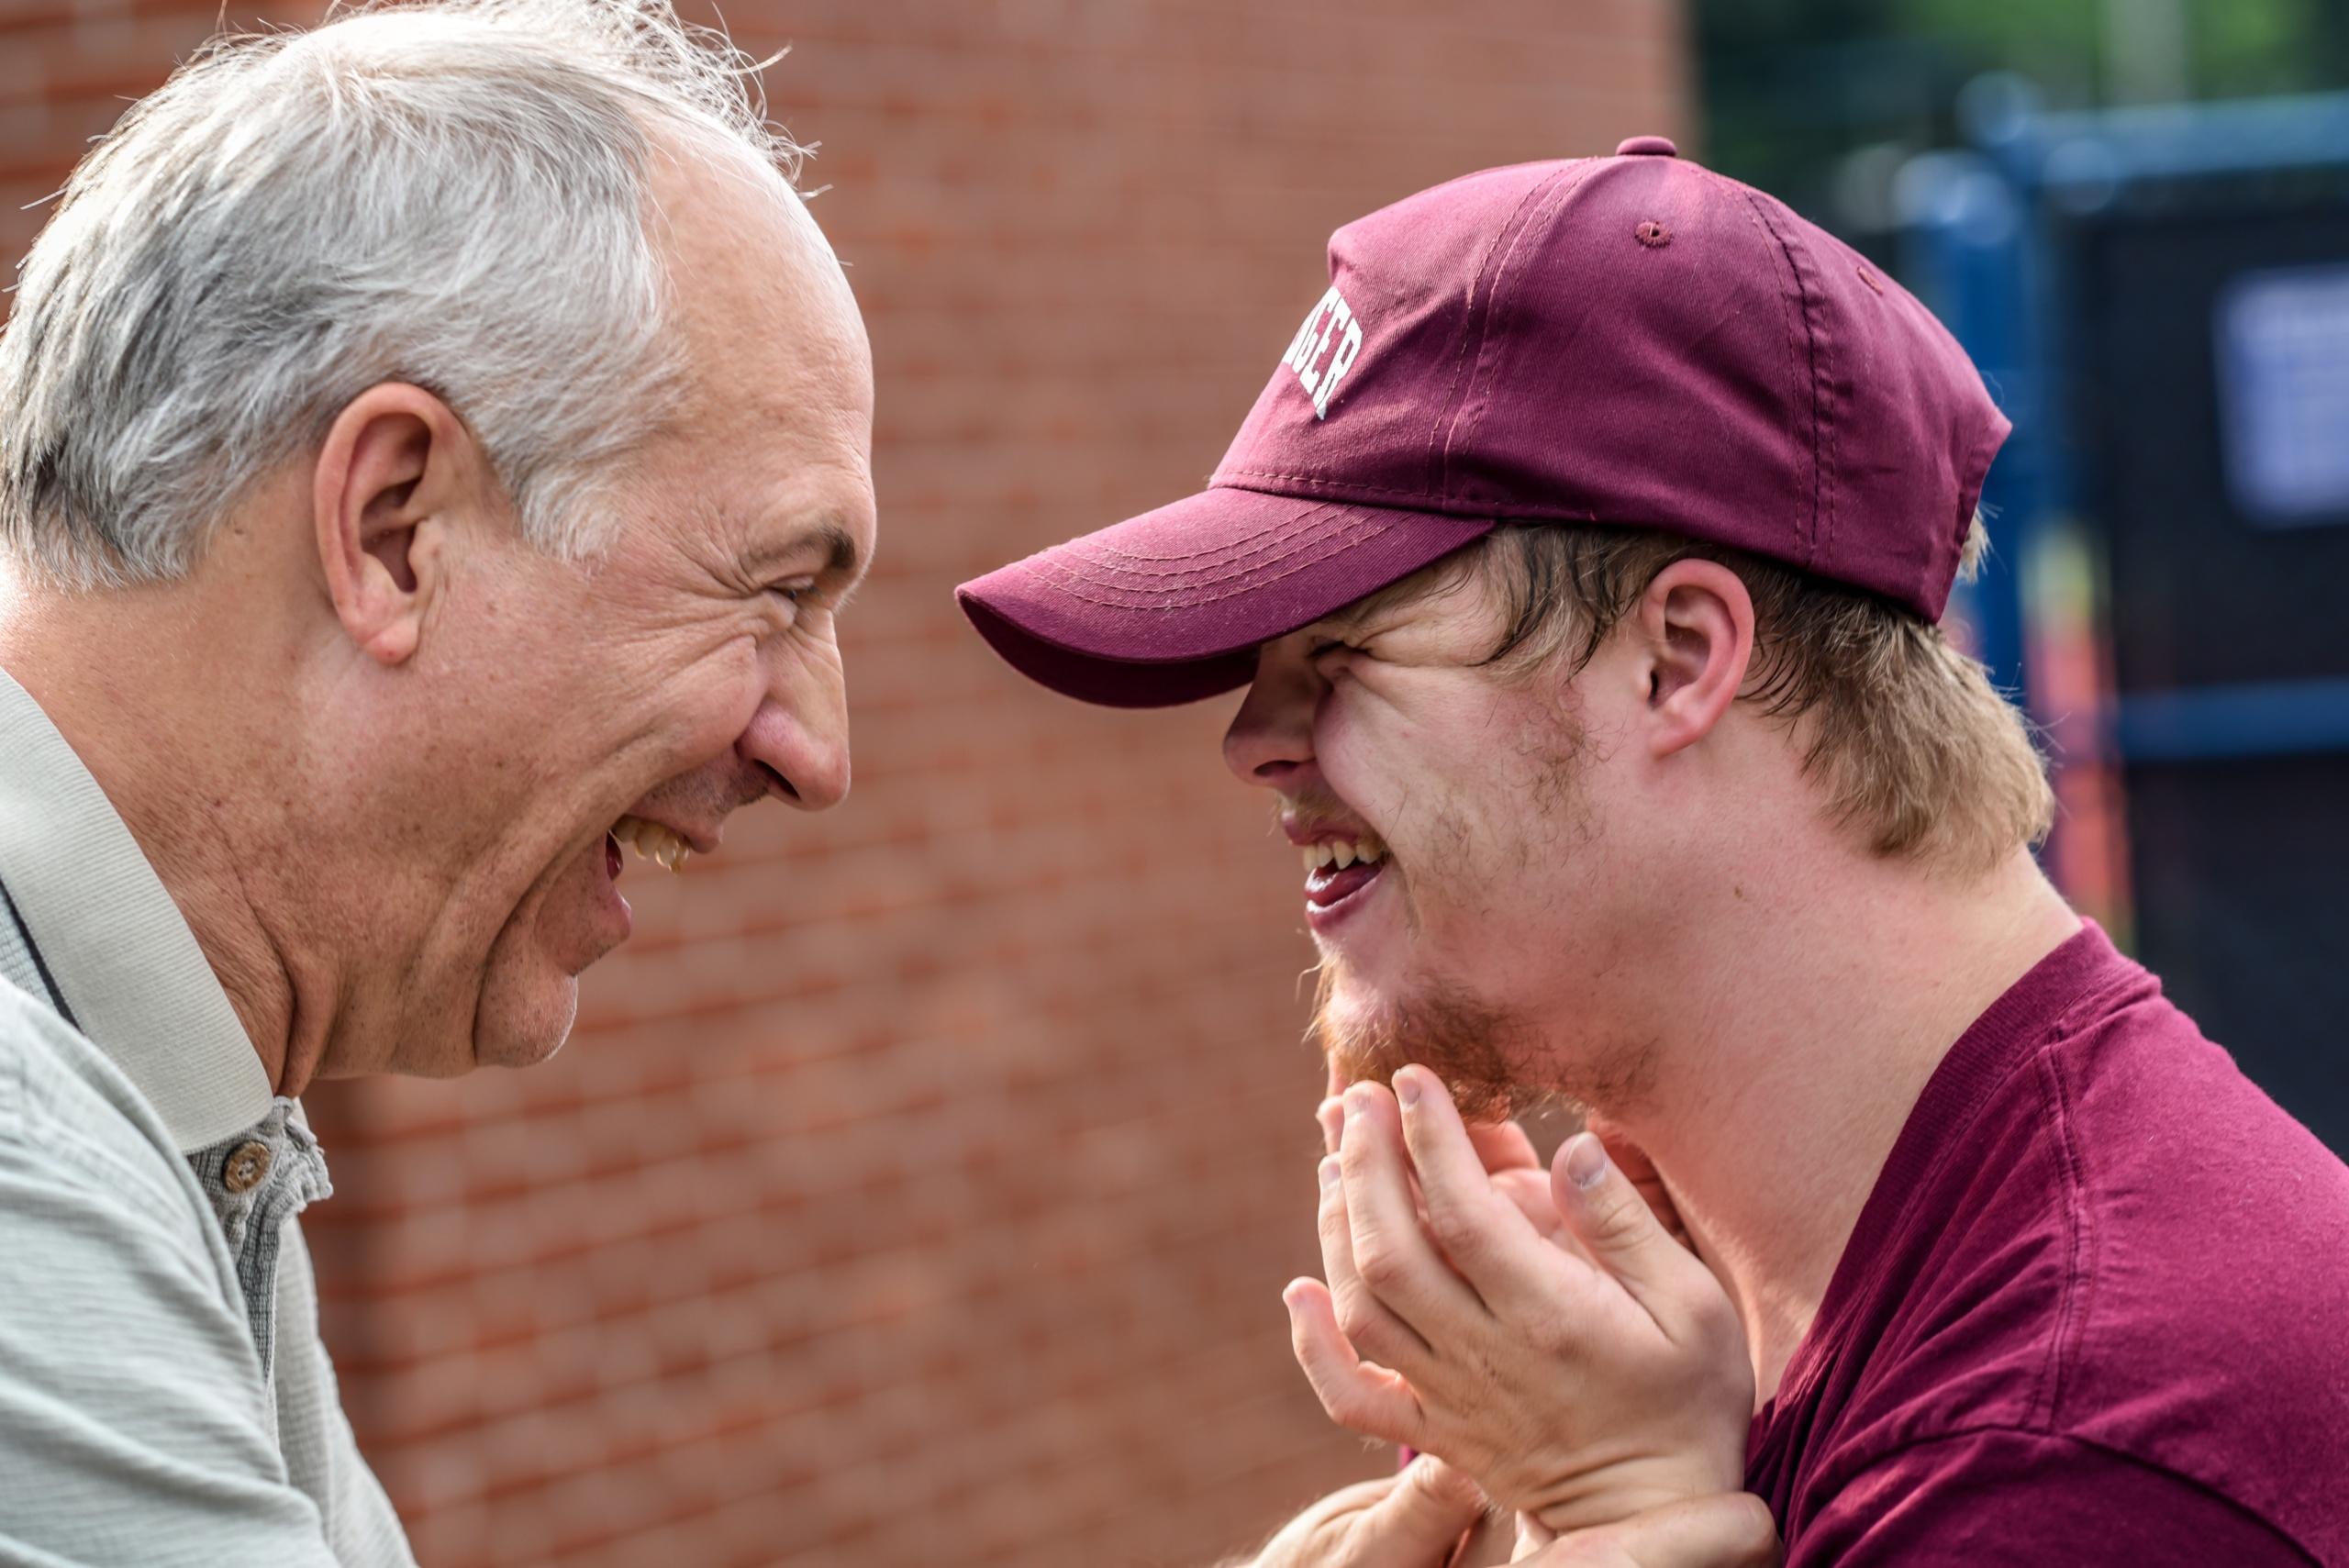 Far og sønn ser på hverandre og ler